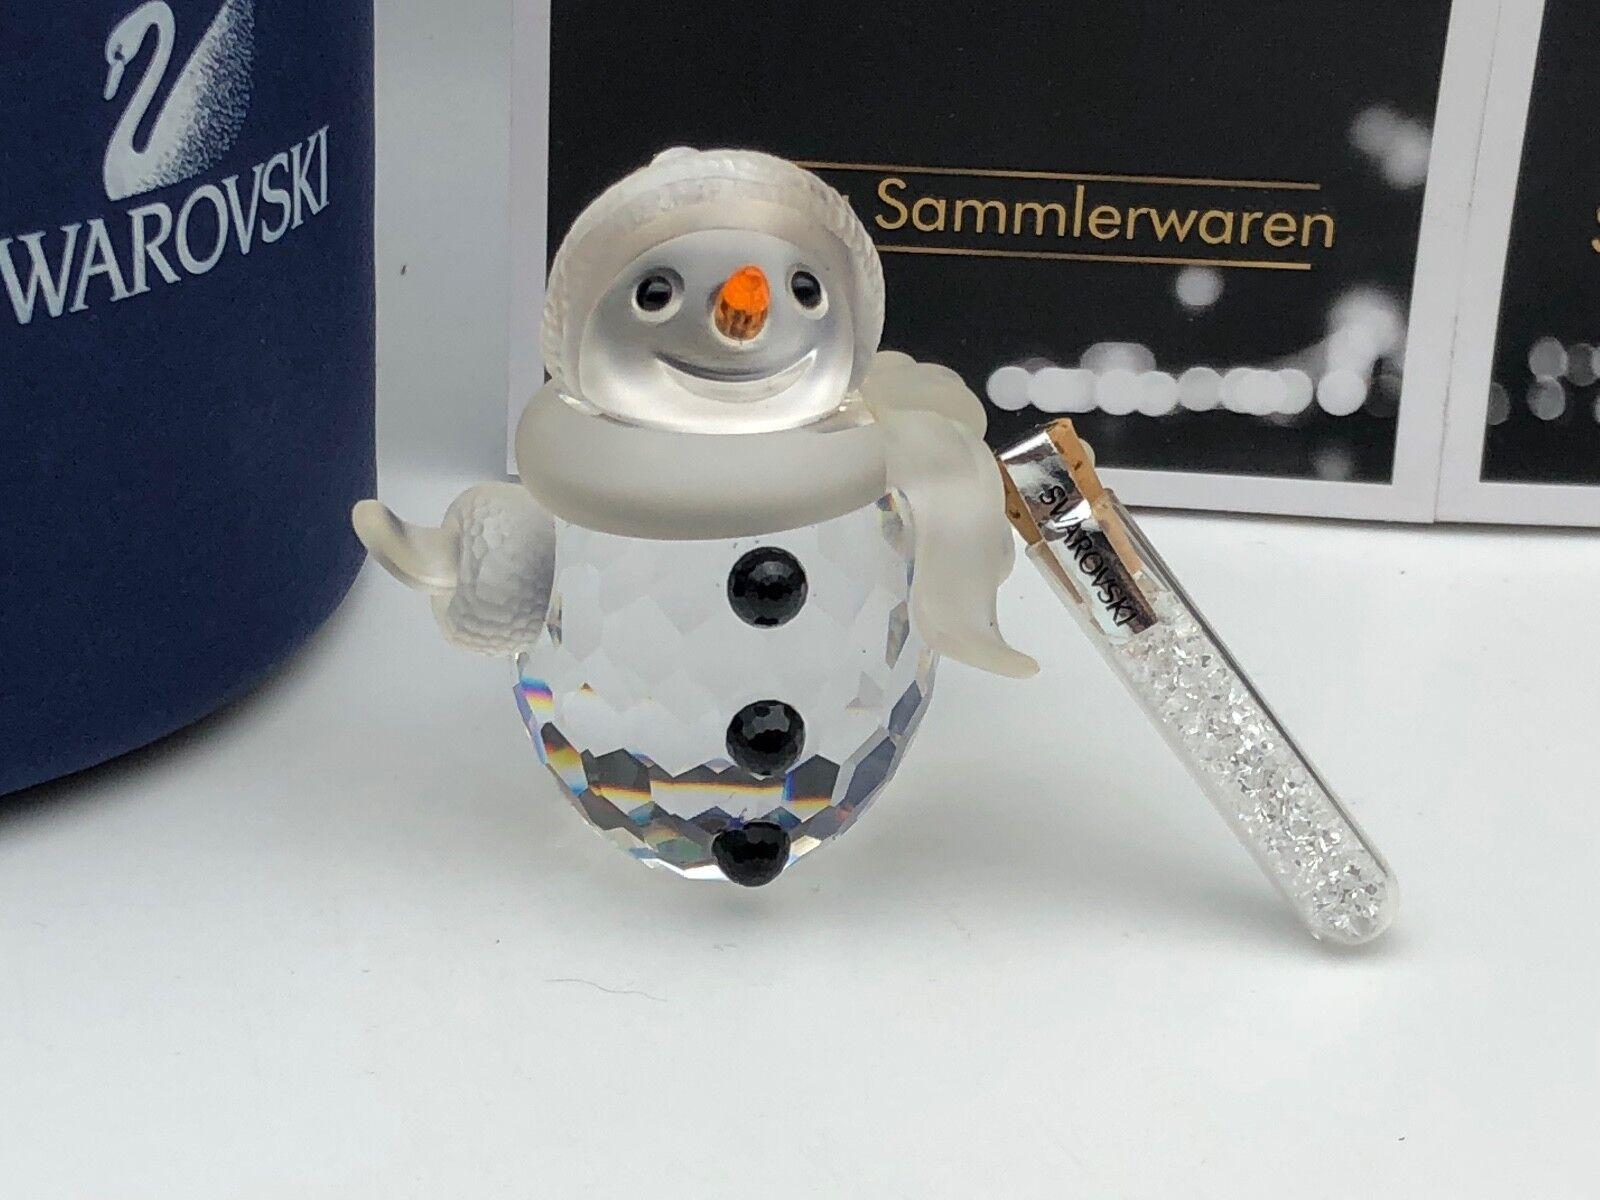 vendita all'ingrosso SWAROVSKI Figura Figura Figura 250229 padre pupazzo di neve 5,7 cm. con OVP & certificato.  risparmia fino al 50%